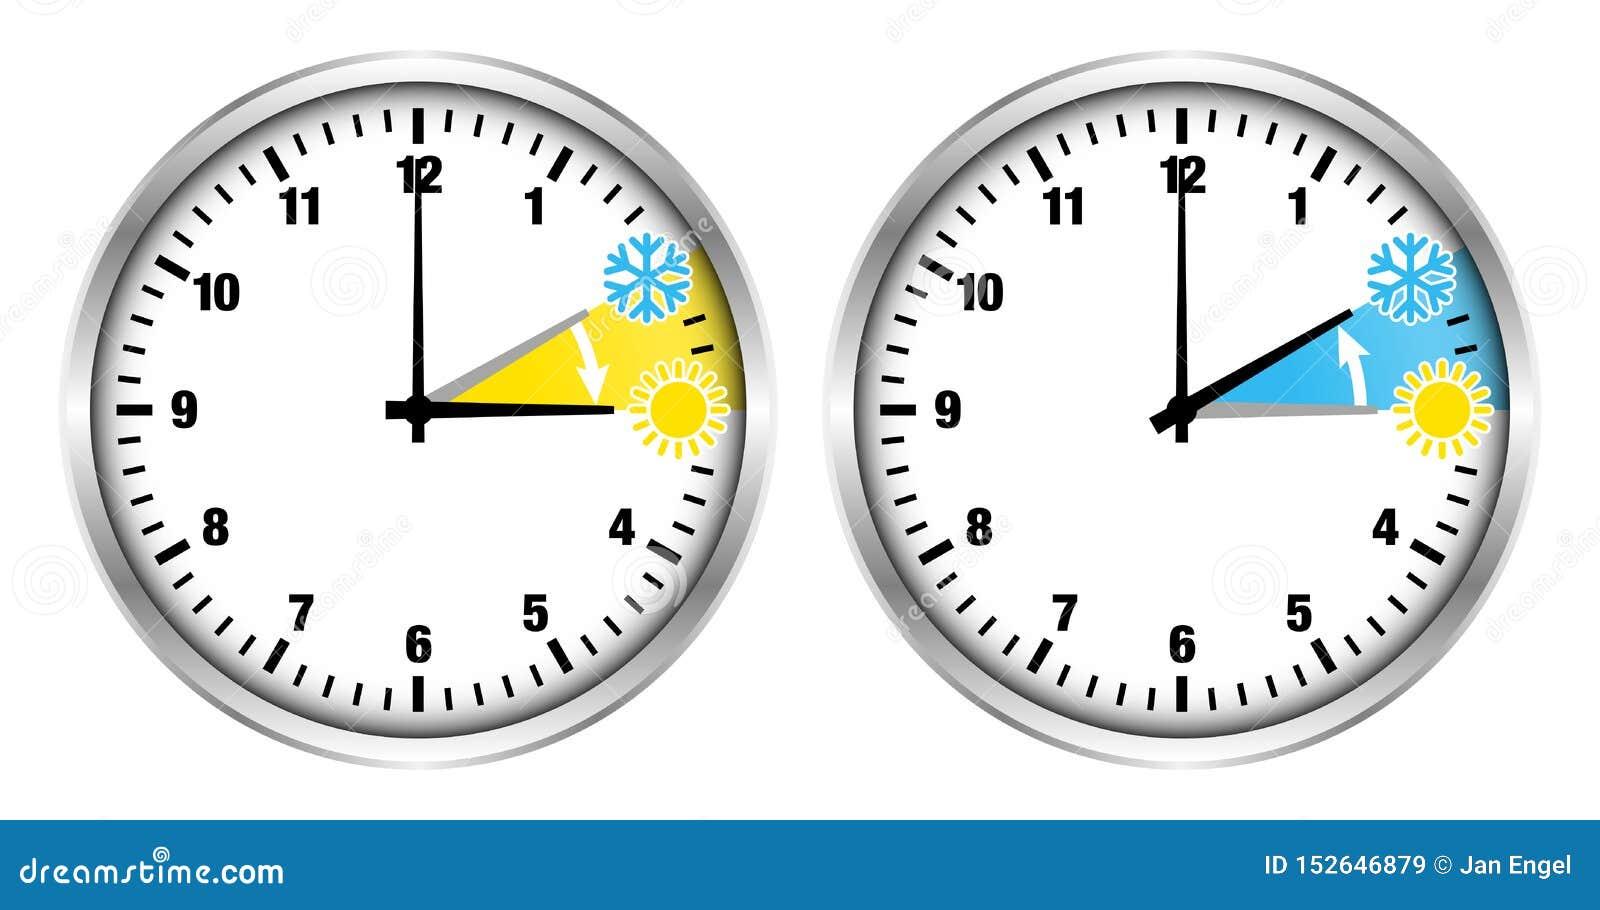 Pulsos de disparo de prata horas de verão e ícones e números pequenos do tempo de inverno